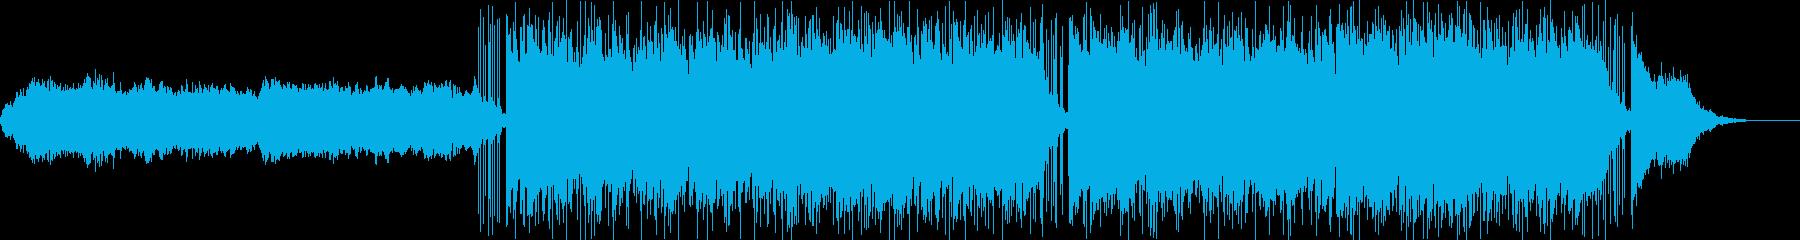 コンドルは飛んでいくのイメージオリジナルの再生済みの波形